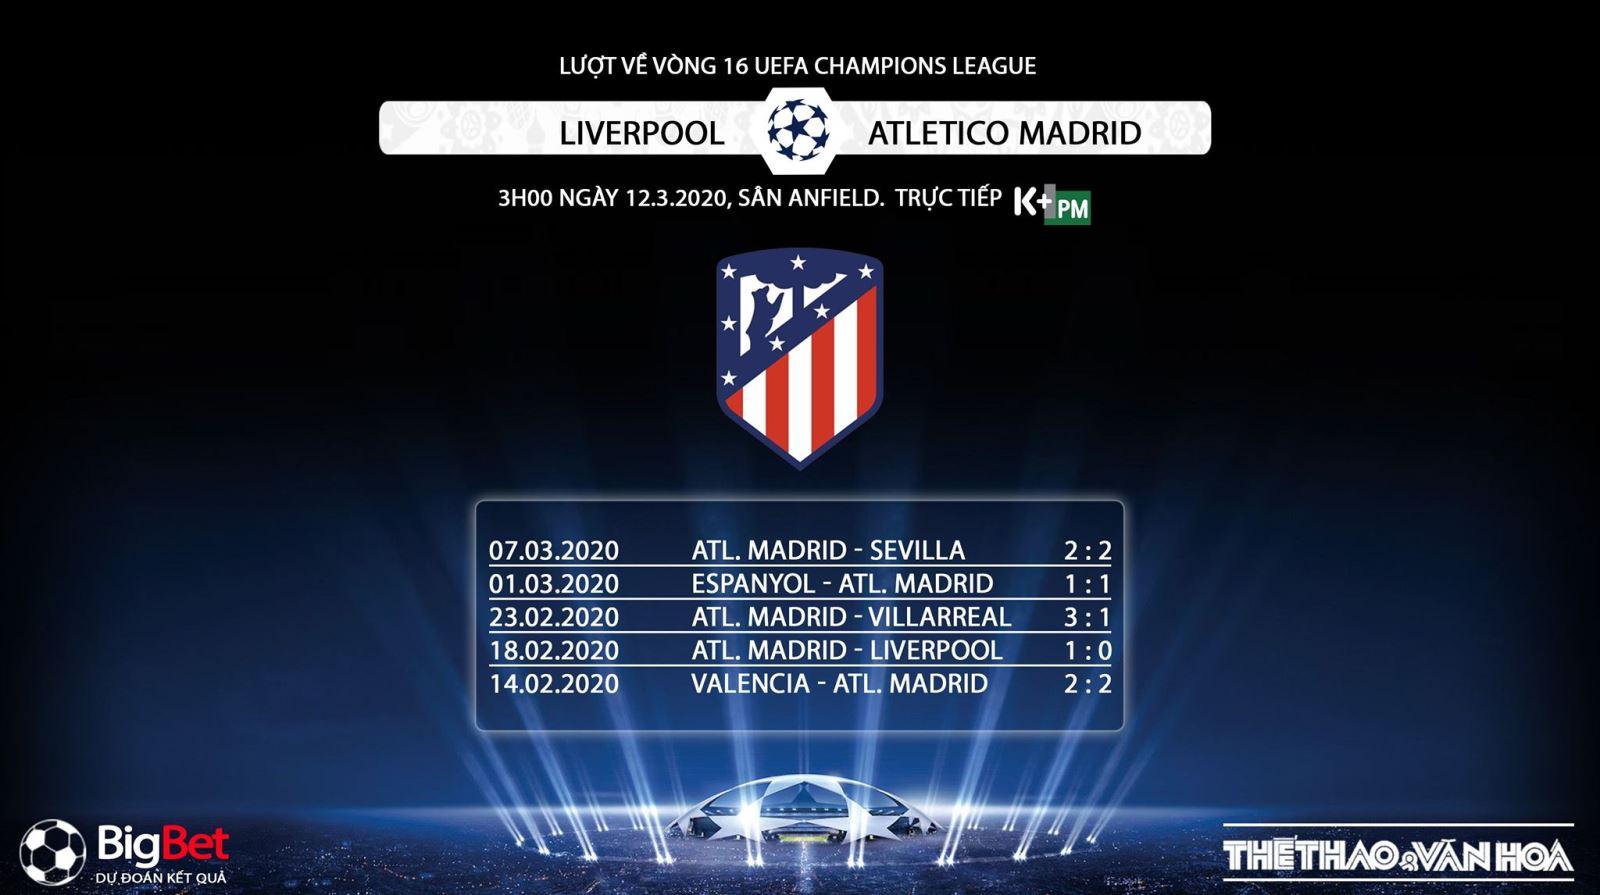 Liverpool vs Atletico Madrid, Liverpool, Atletico Madrid, trực tiếp bóng đá, lịch thi đấu bóng đá, bóng đá, bong da, Cup C1, K+PM, K+PC, trực tiếp bóng đá